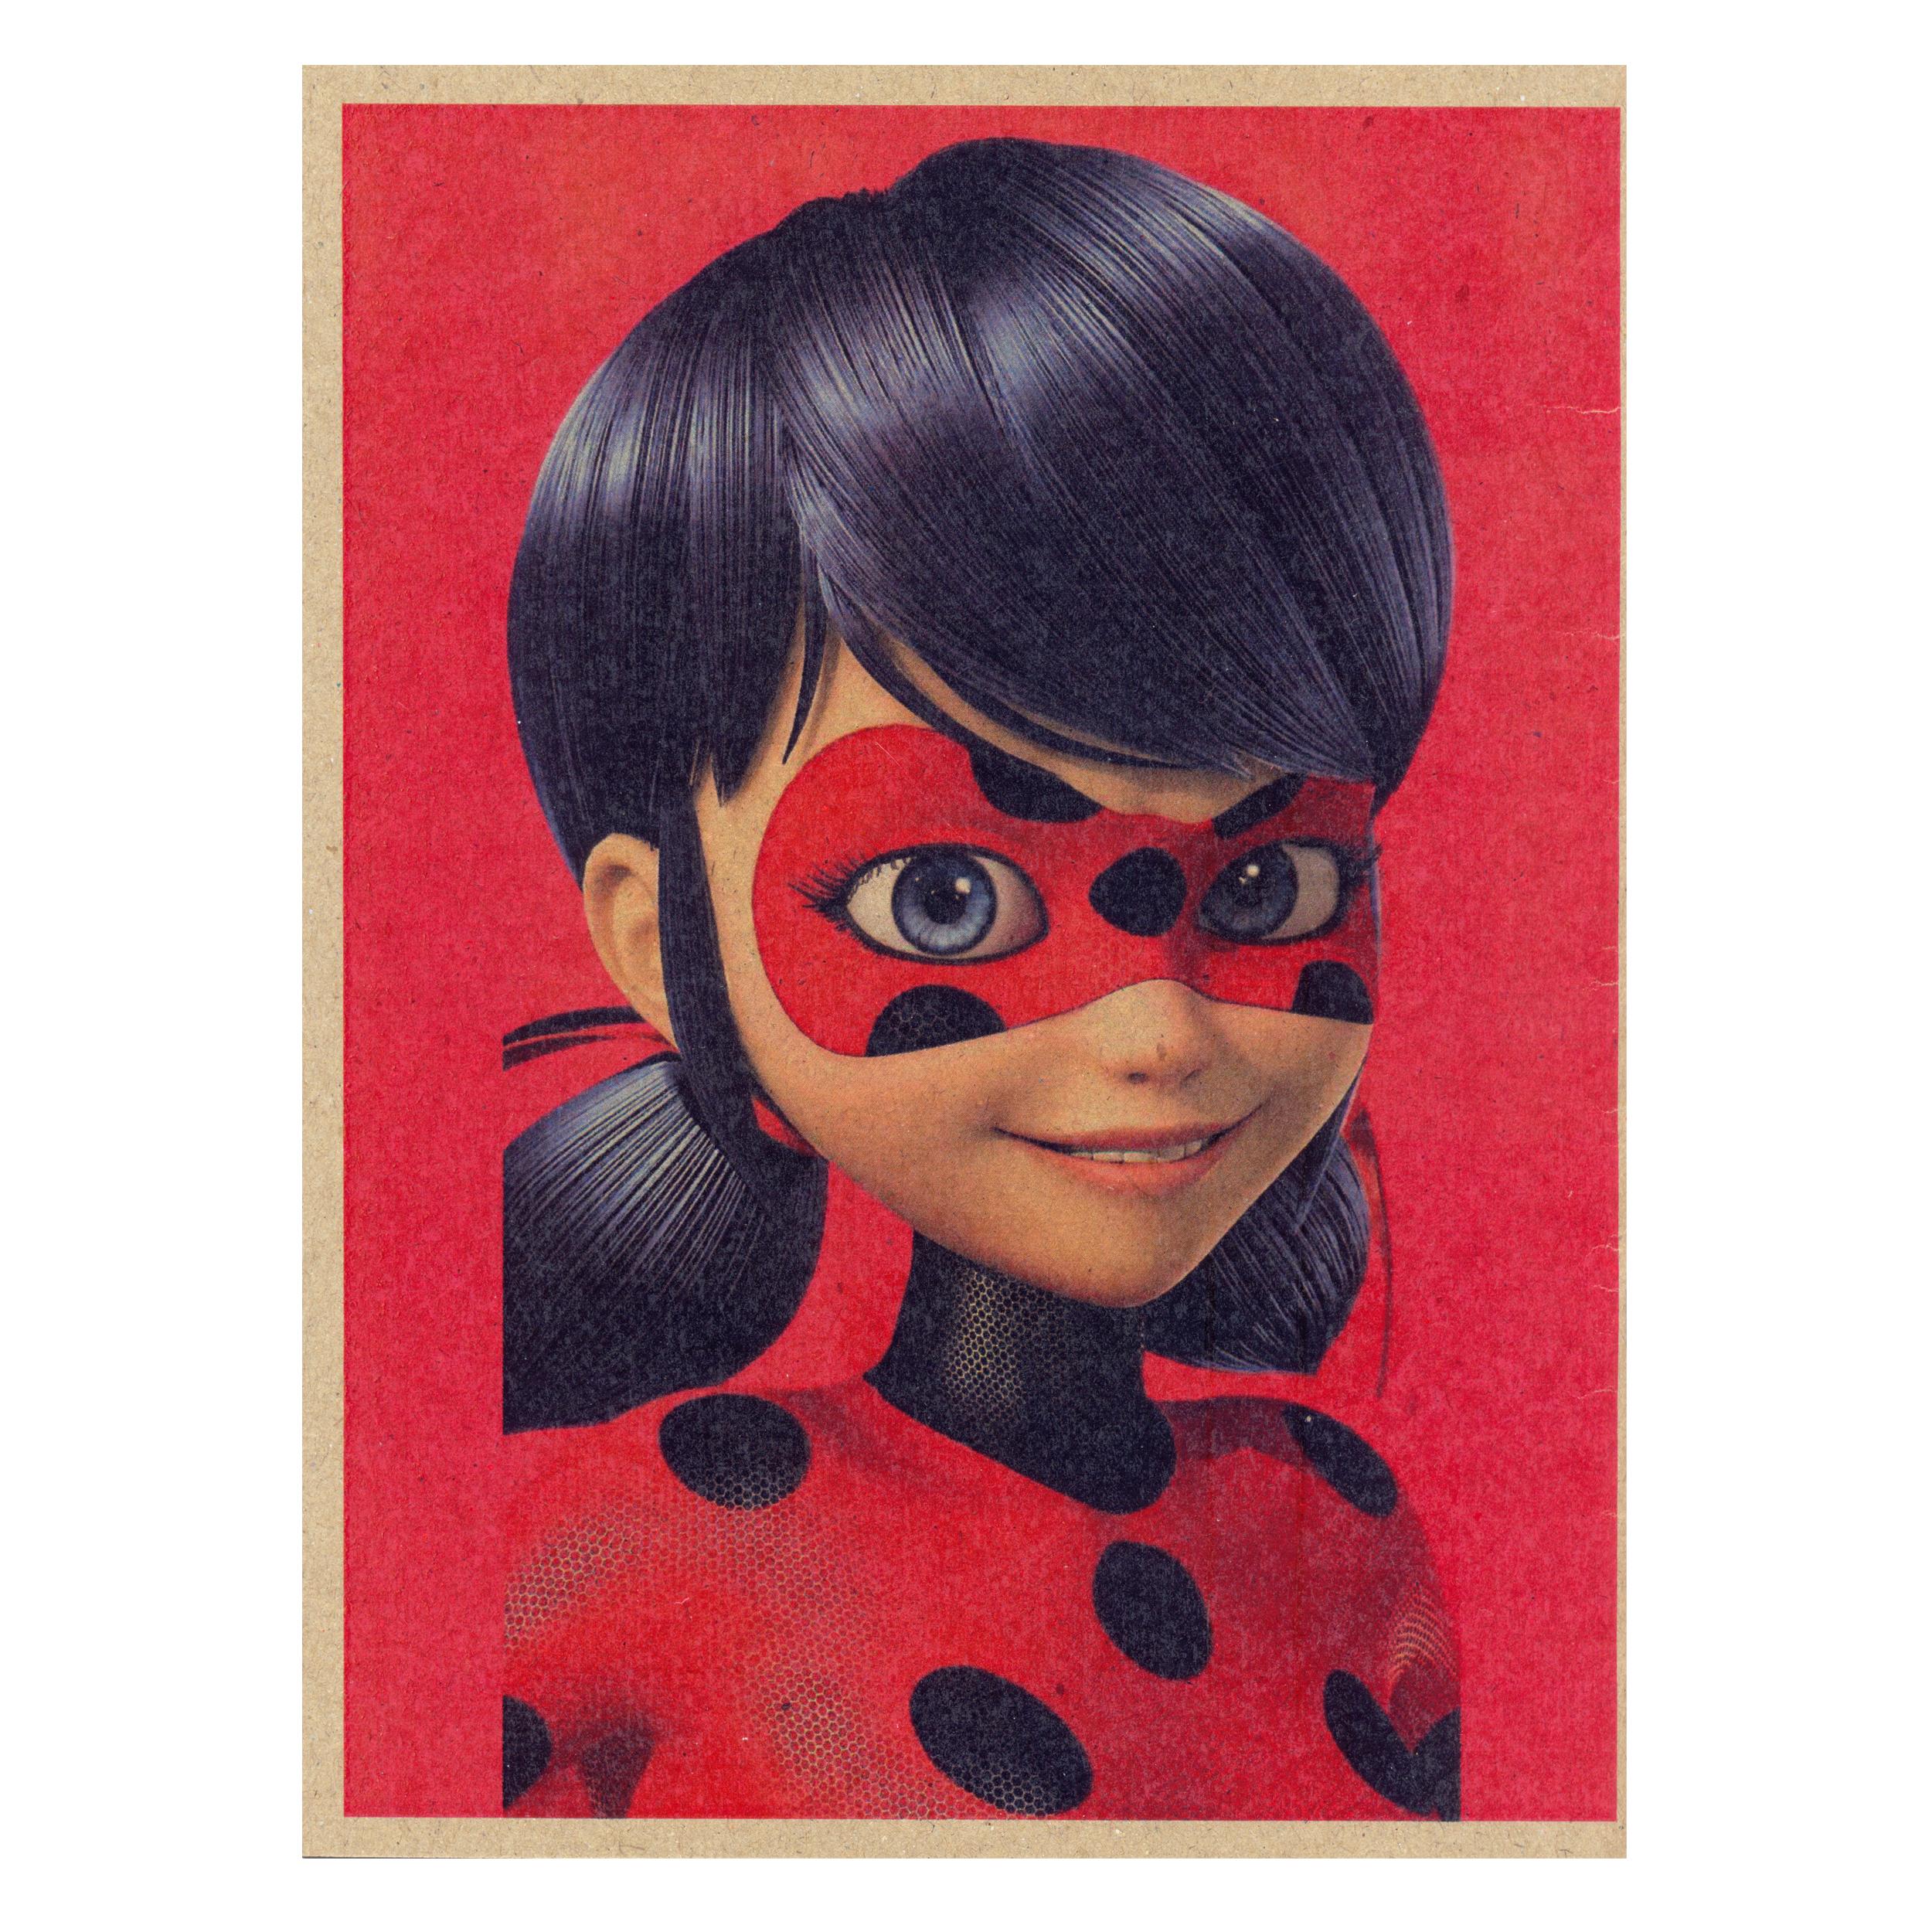 دفتر نقاشی ژوست طرح دختر کفشدوزکی مدل کژوال